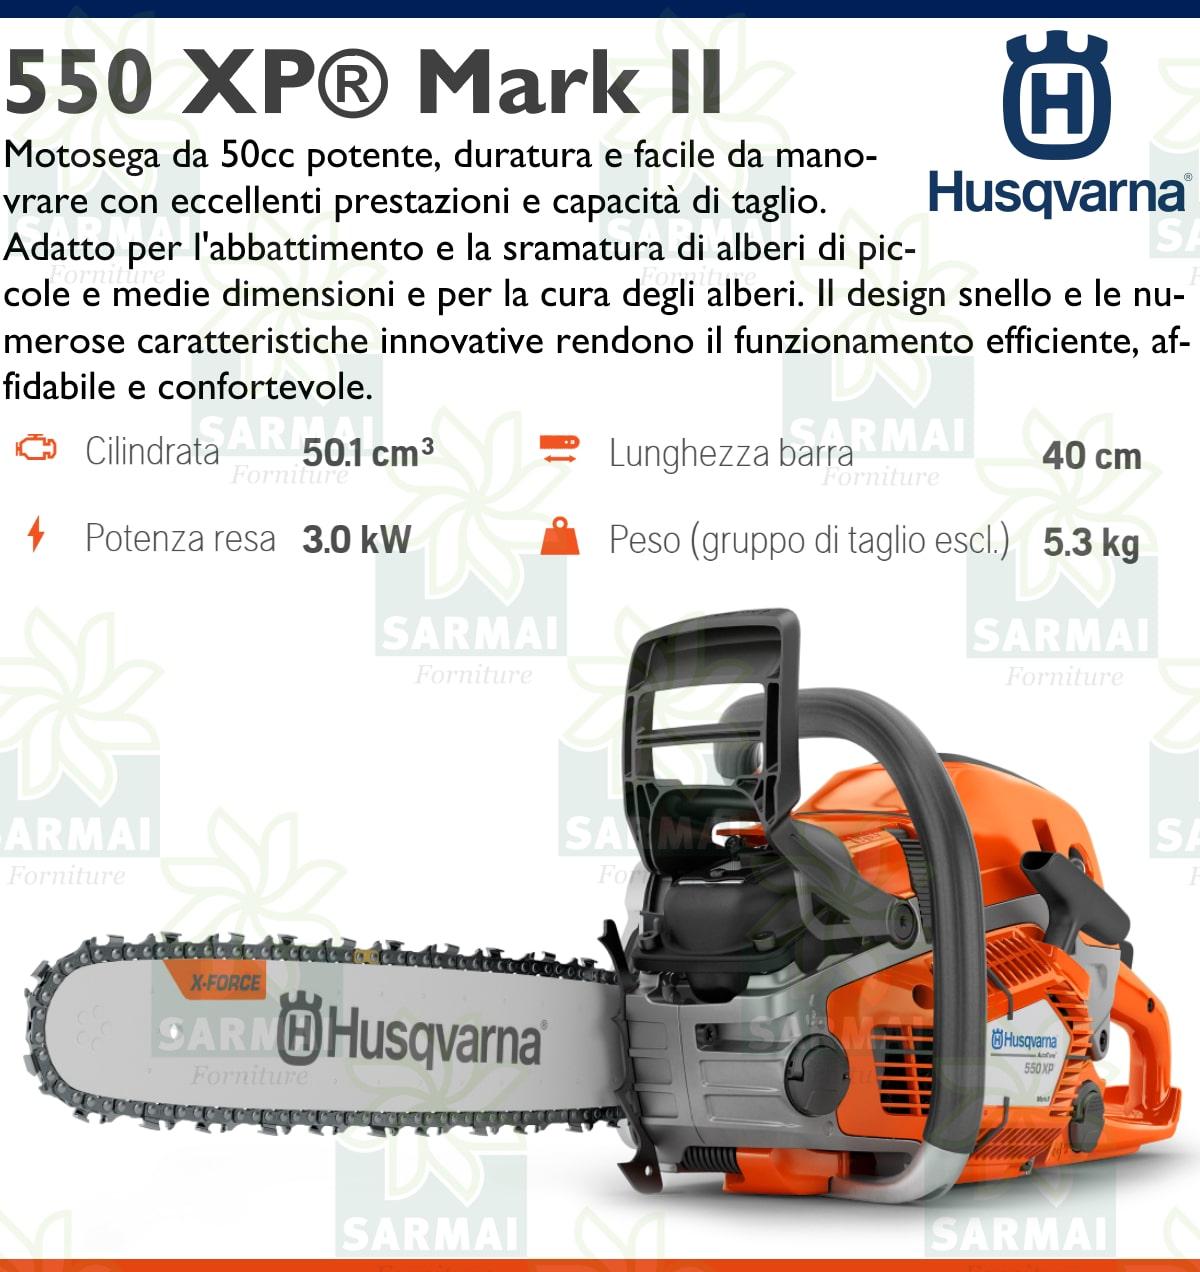 DESCRIZIONE 550 XP